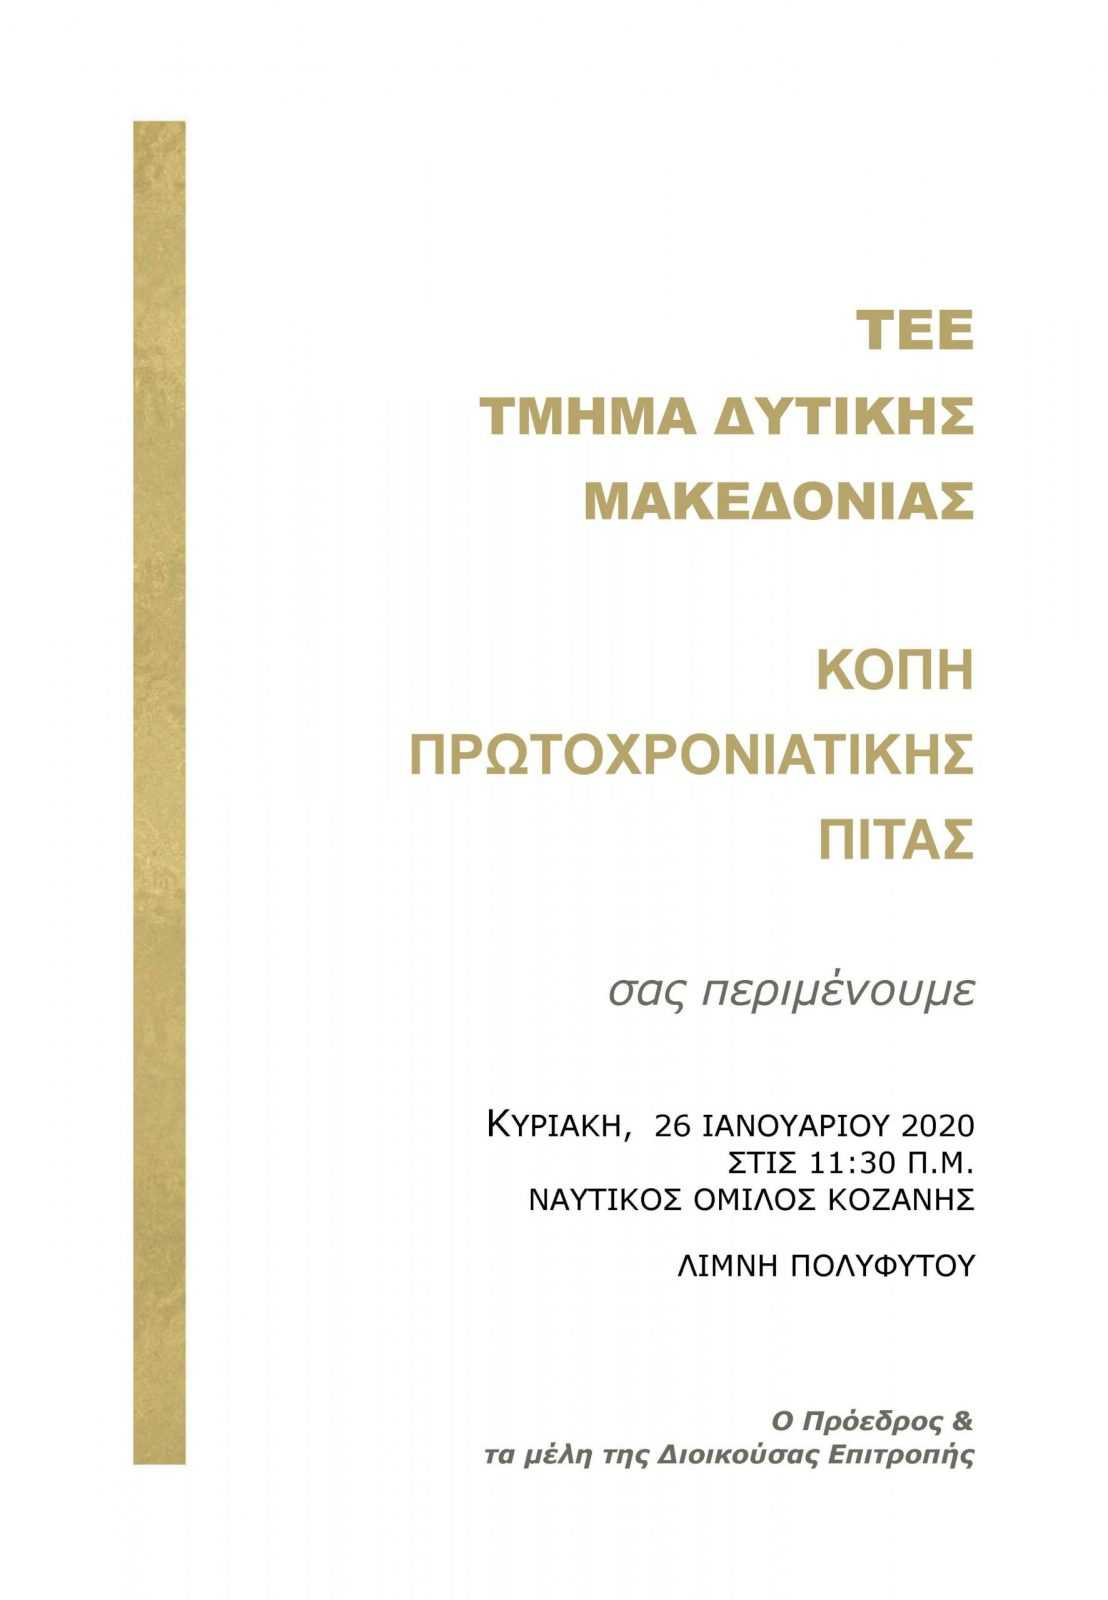 Κοπή Πρωτοχρονιάτικης Πίτας του ΤΕΕ/Τμήμα Δυτικής Μακεδονίας την 26η Ιανουαρίου